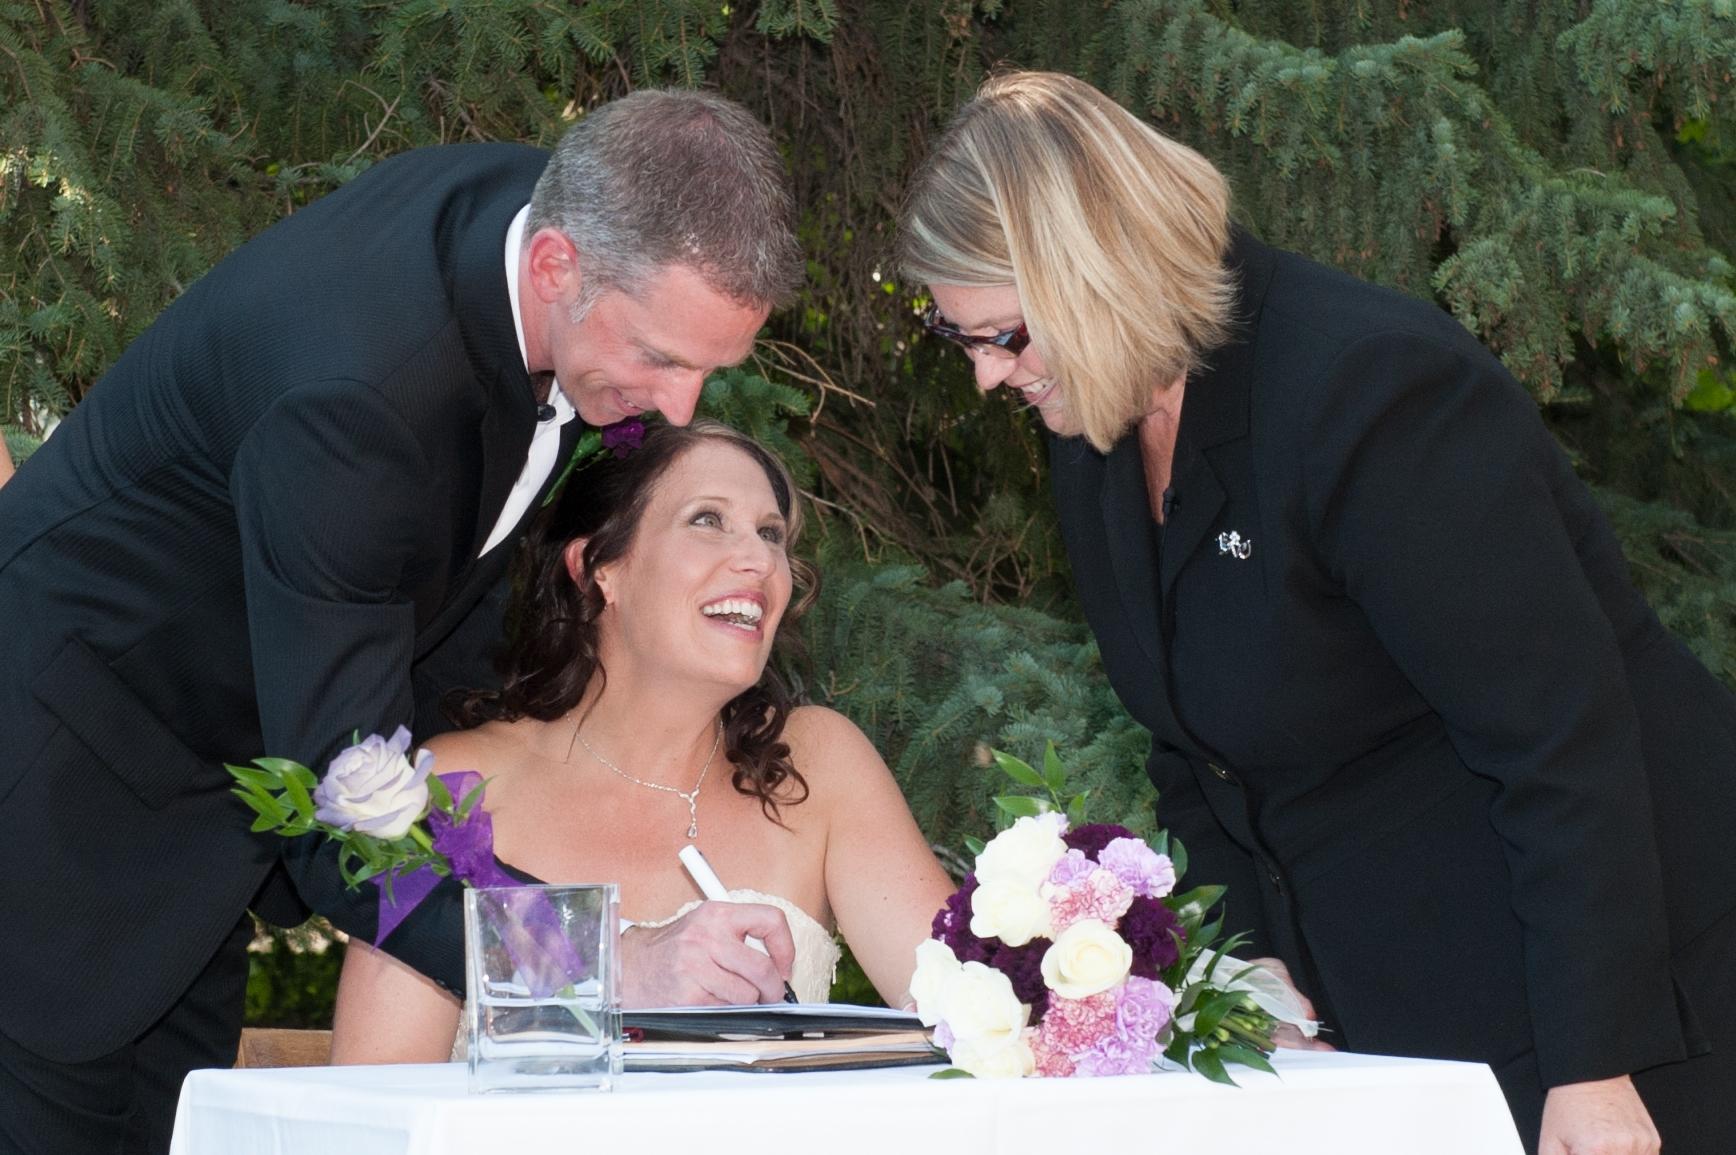 wedding-pic-shawn-terr-3-3